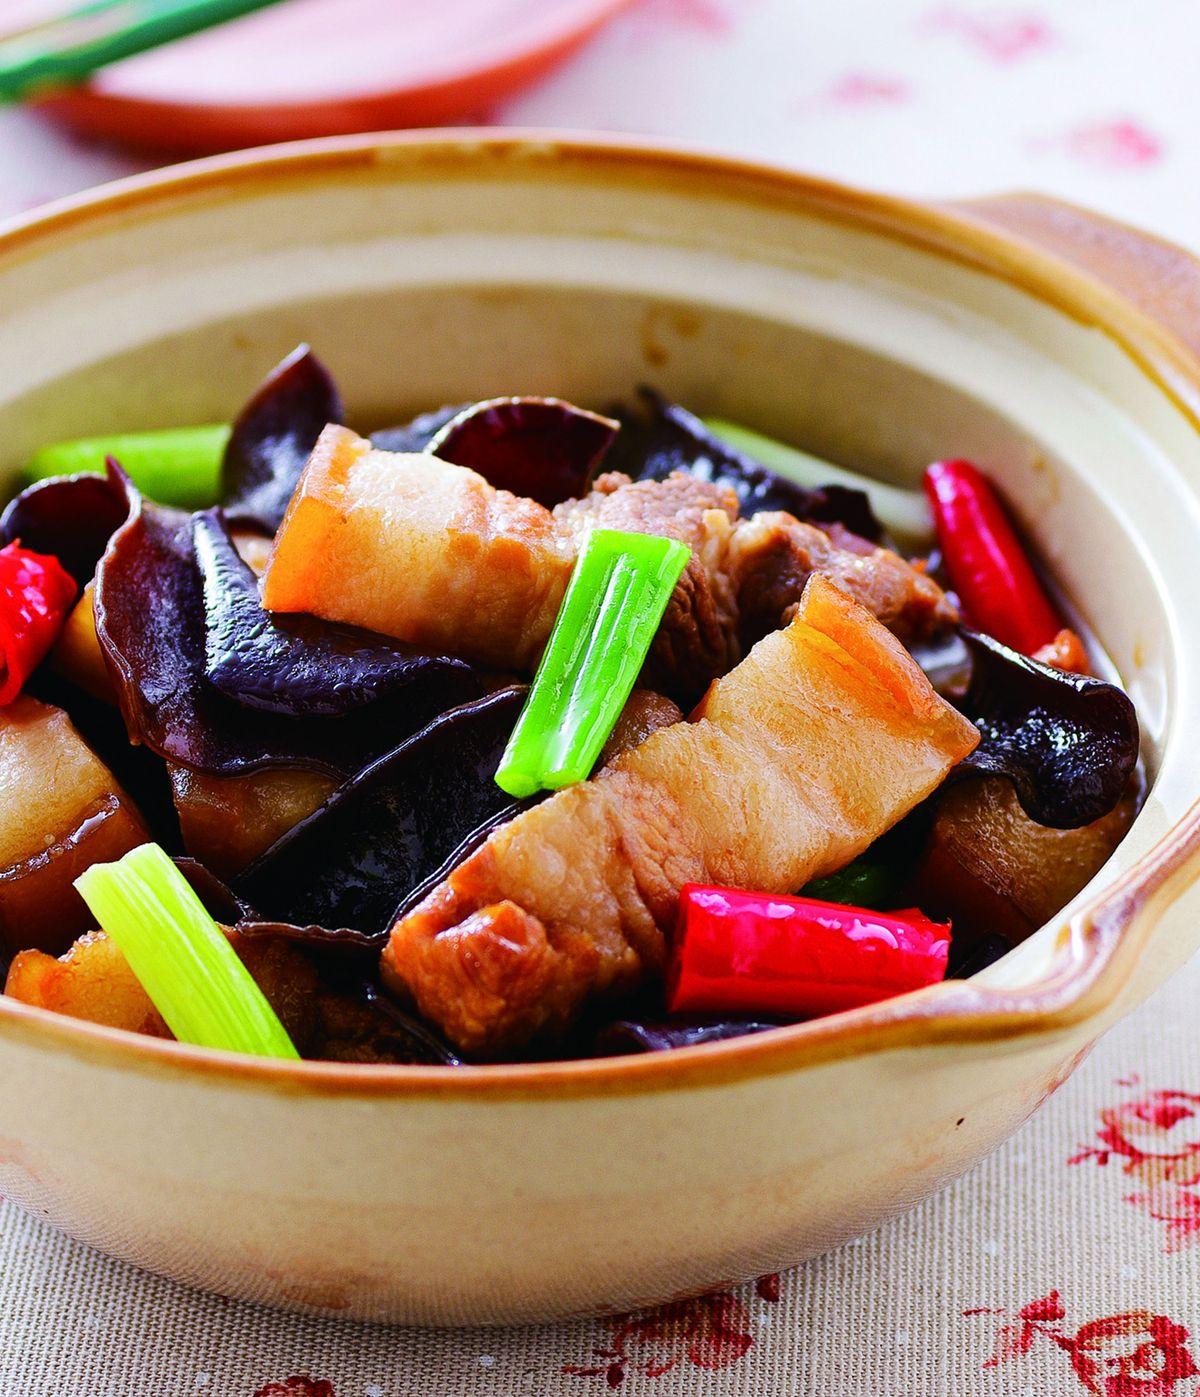 食譜:黑木耳燒五花肉